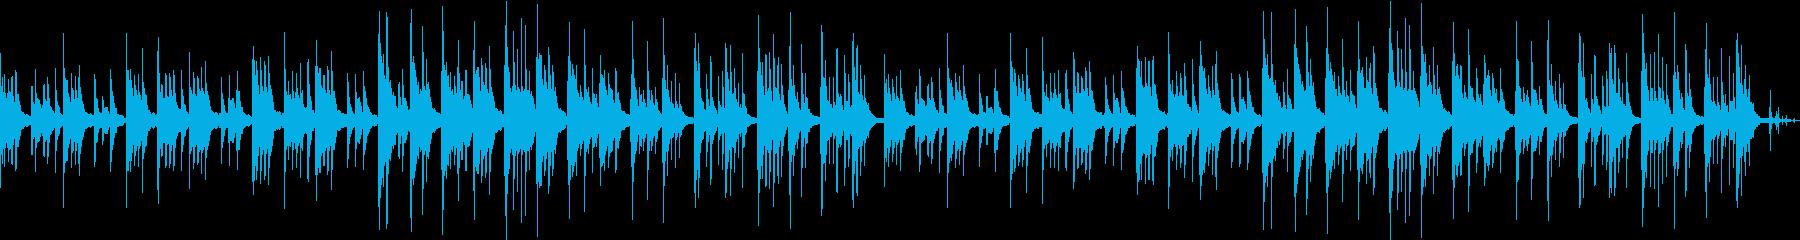 ピアノによるヒーリング音楽でリラックスの再生済みの波形